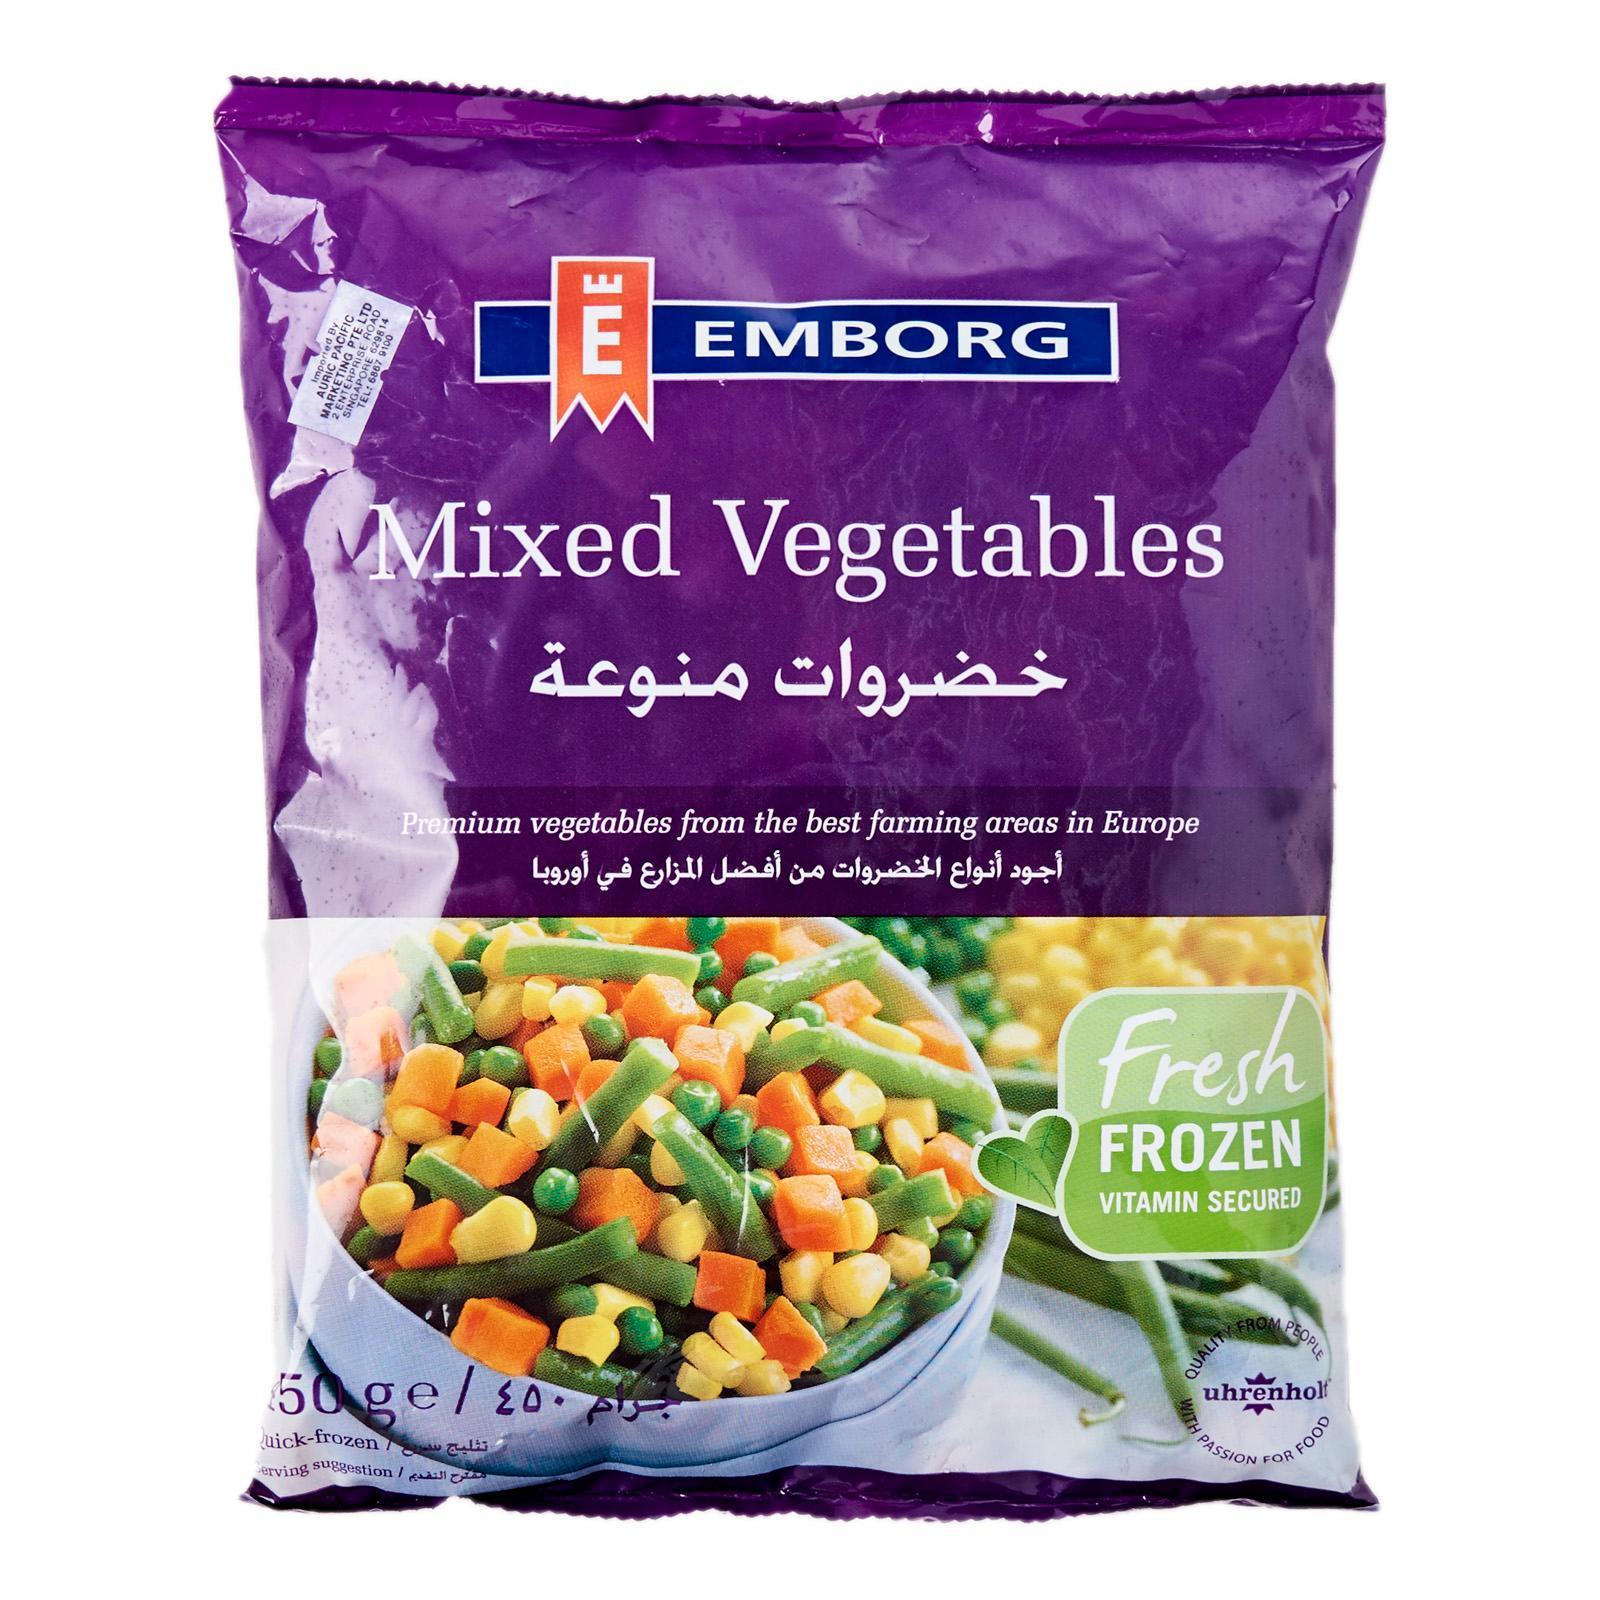 Emborg Mixed Vegetables - Frozen By Redmart.